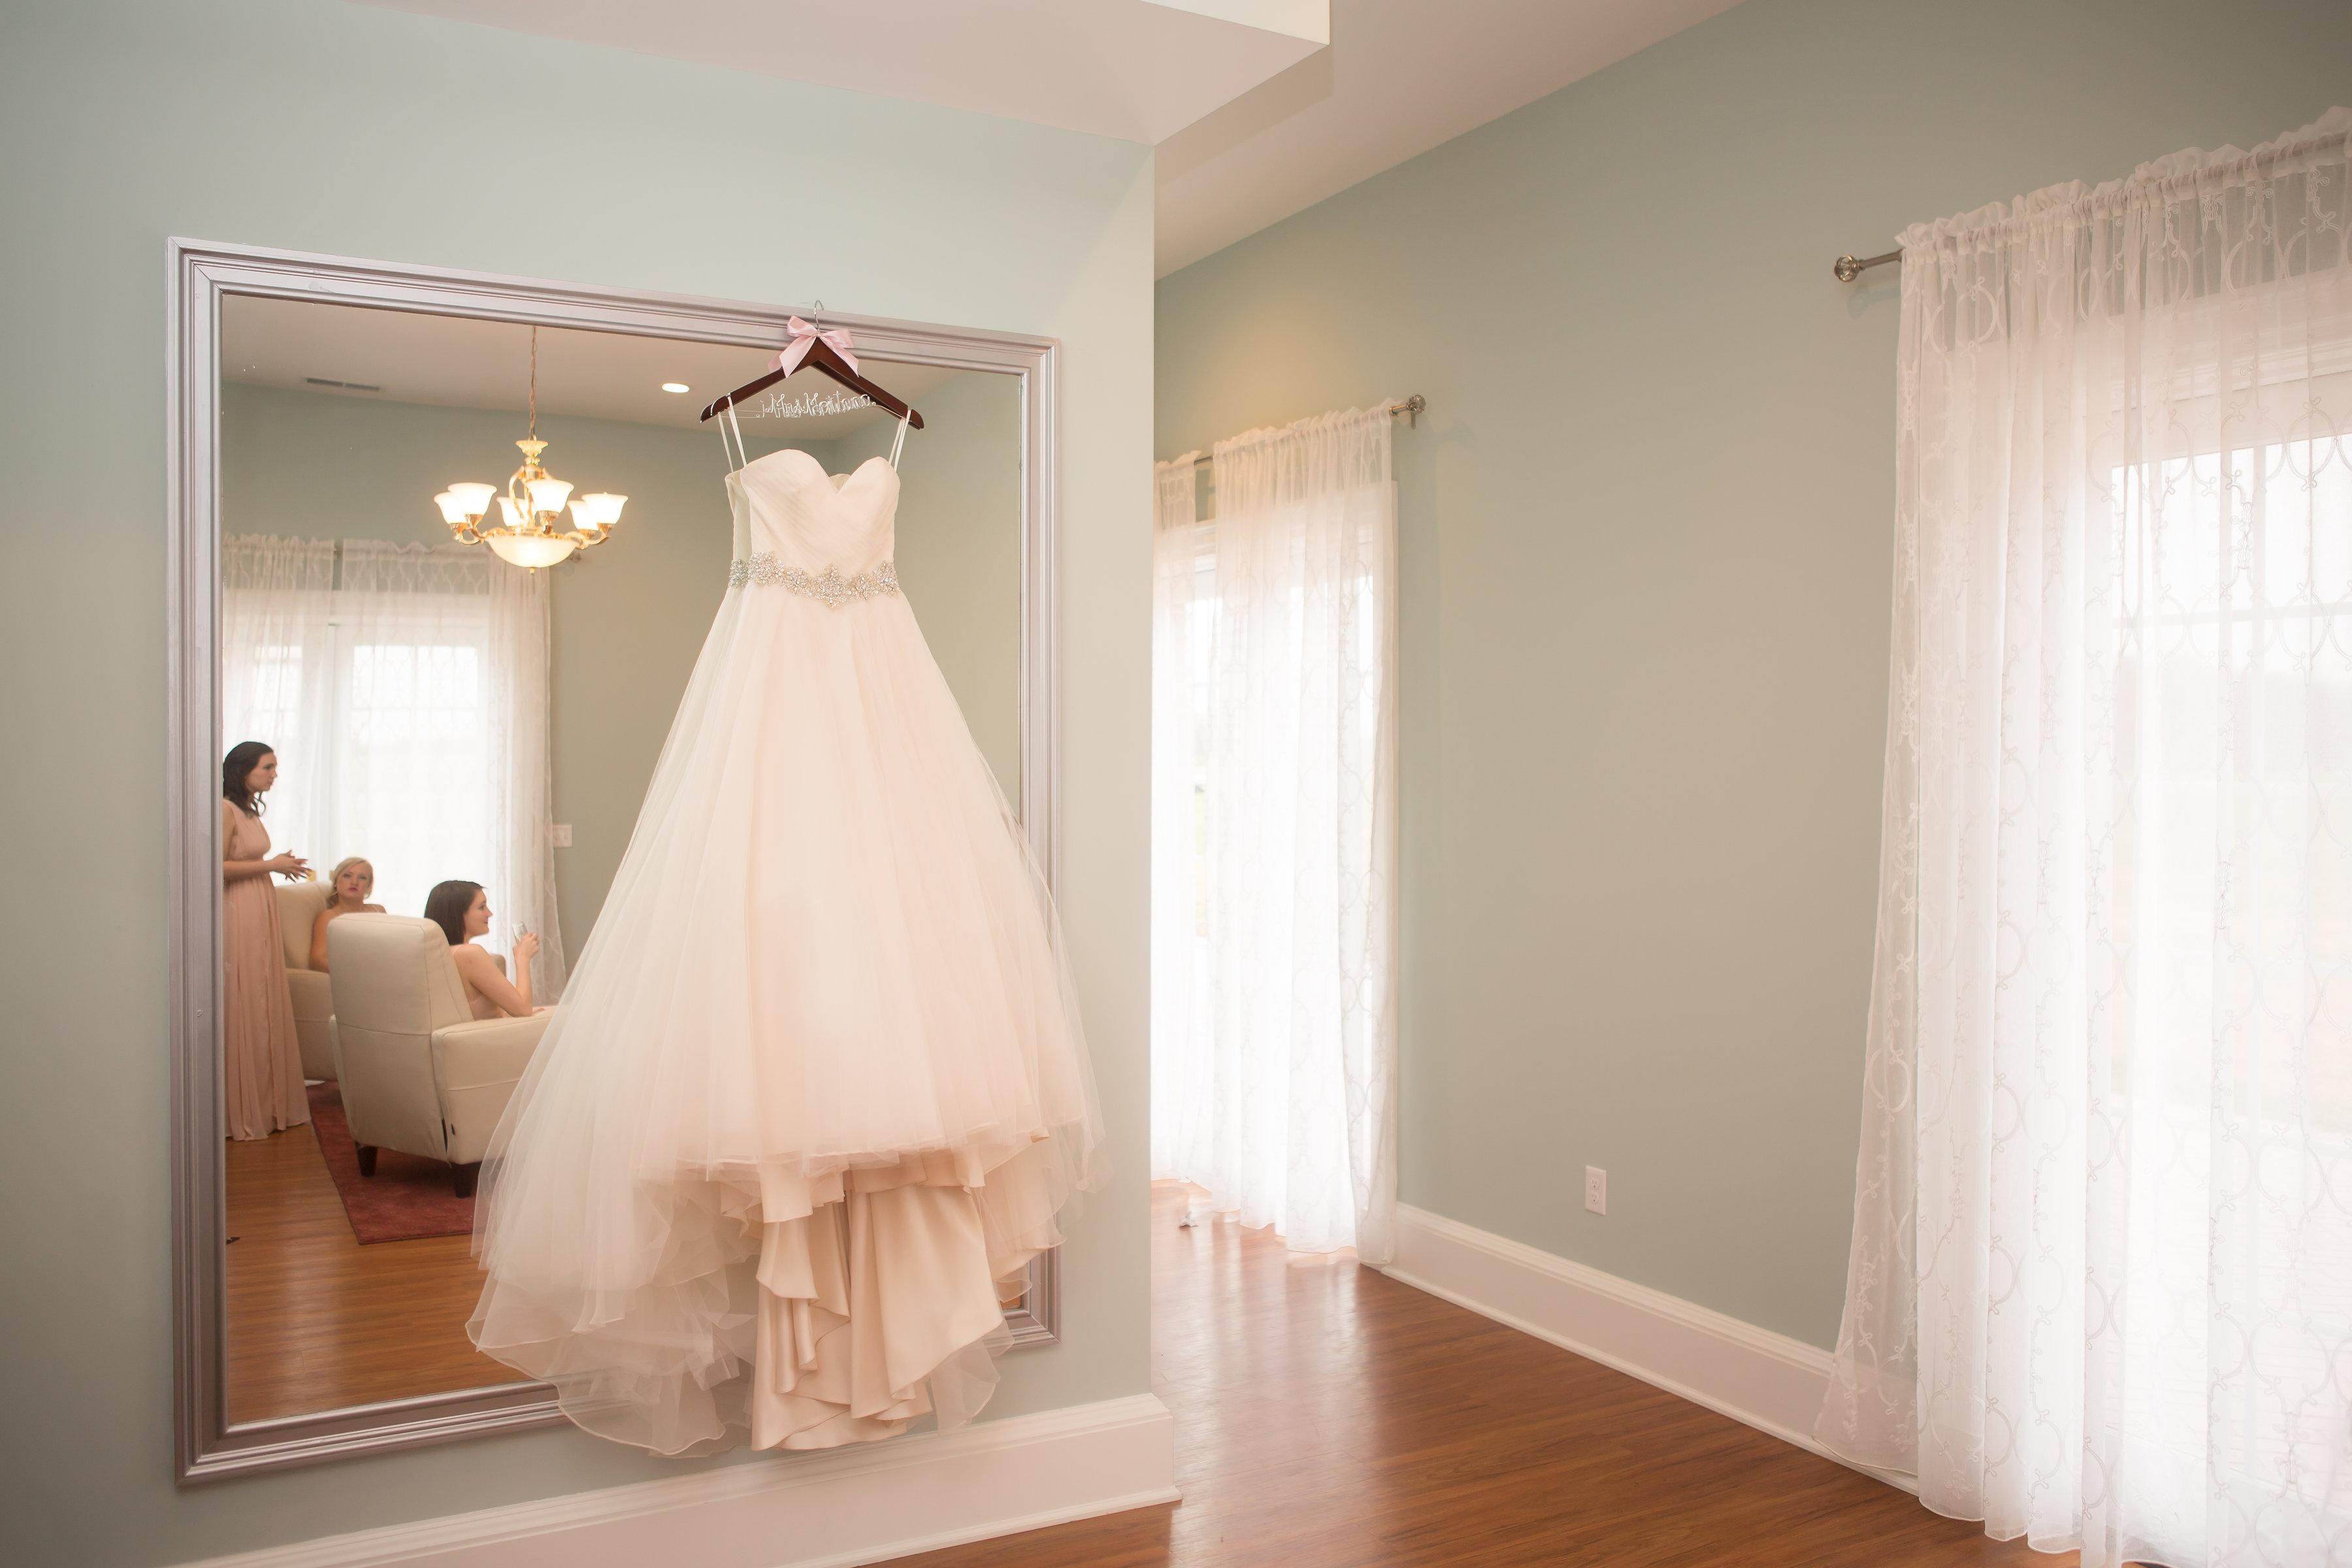 Bride & Groom Dressing Rooms - Harrisonburg Wedding Venue